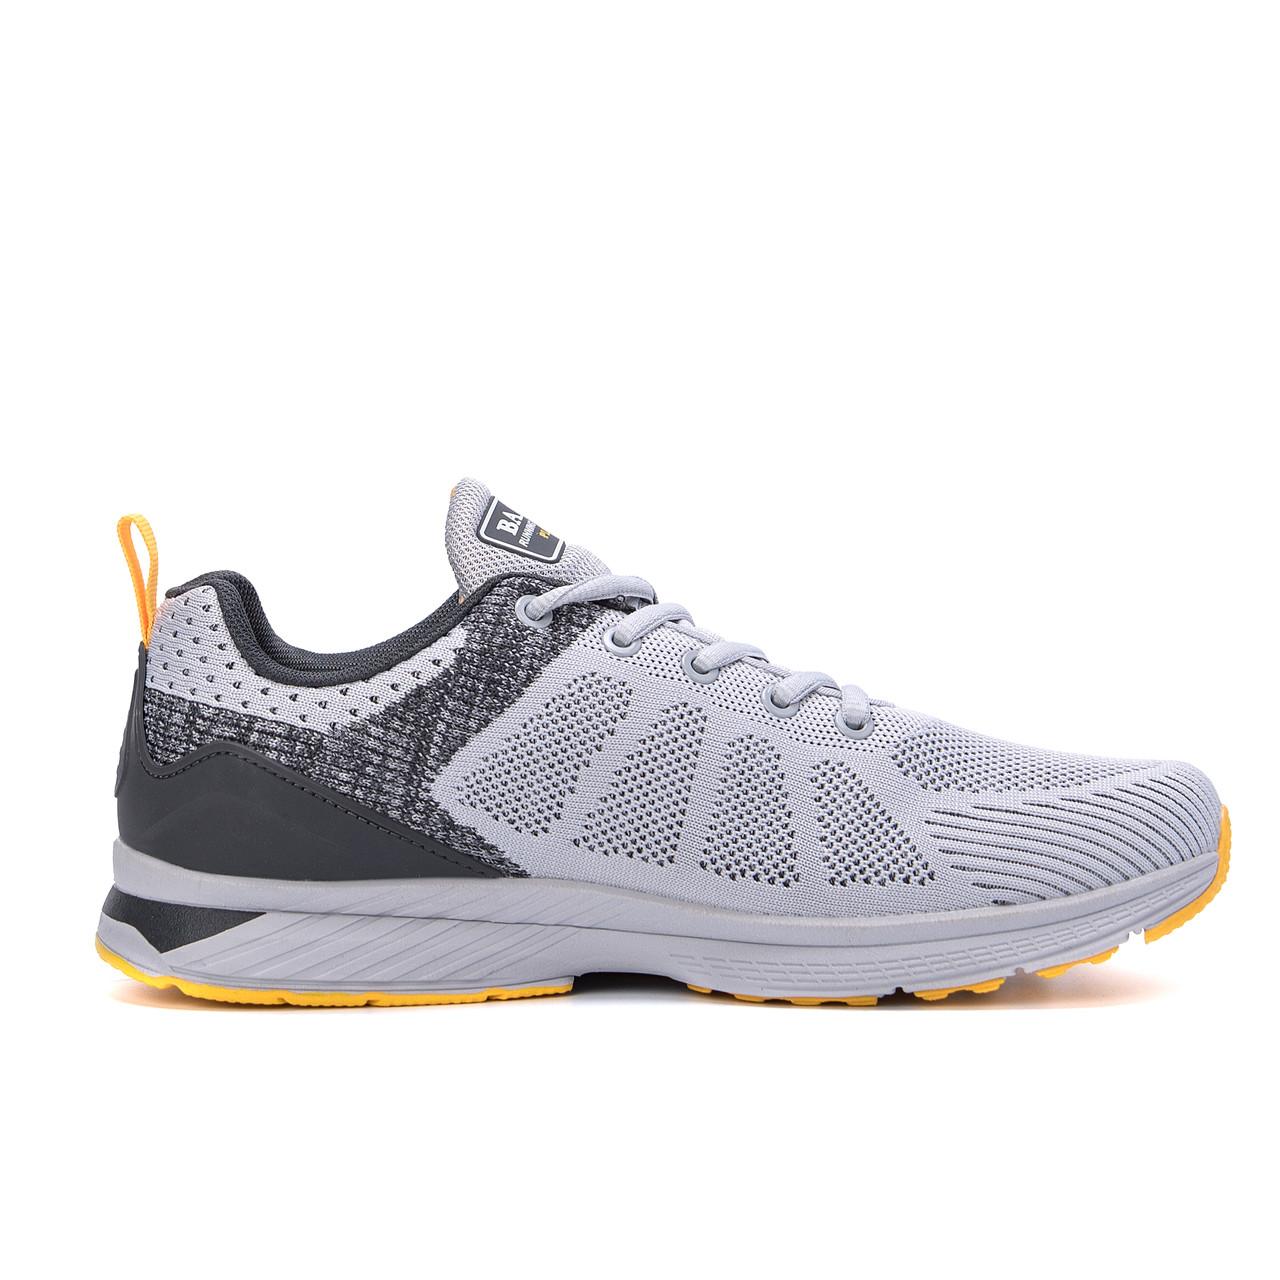 Фирменные мужские кроссовки из кроссовочного текстиля BS TREND SYSTEM